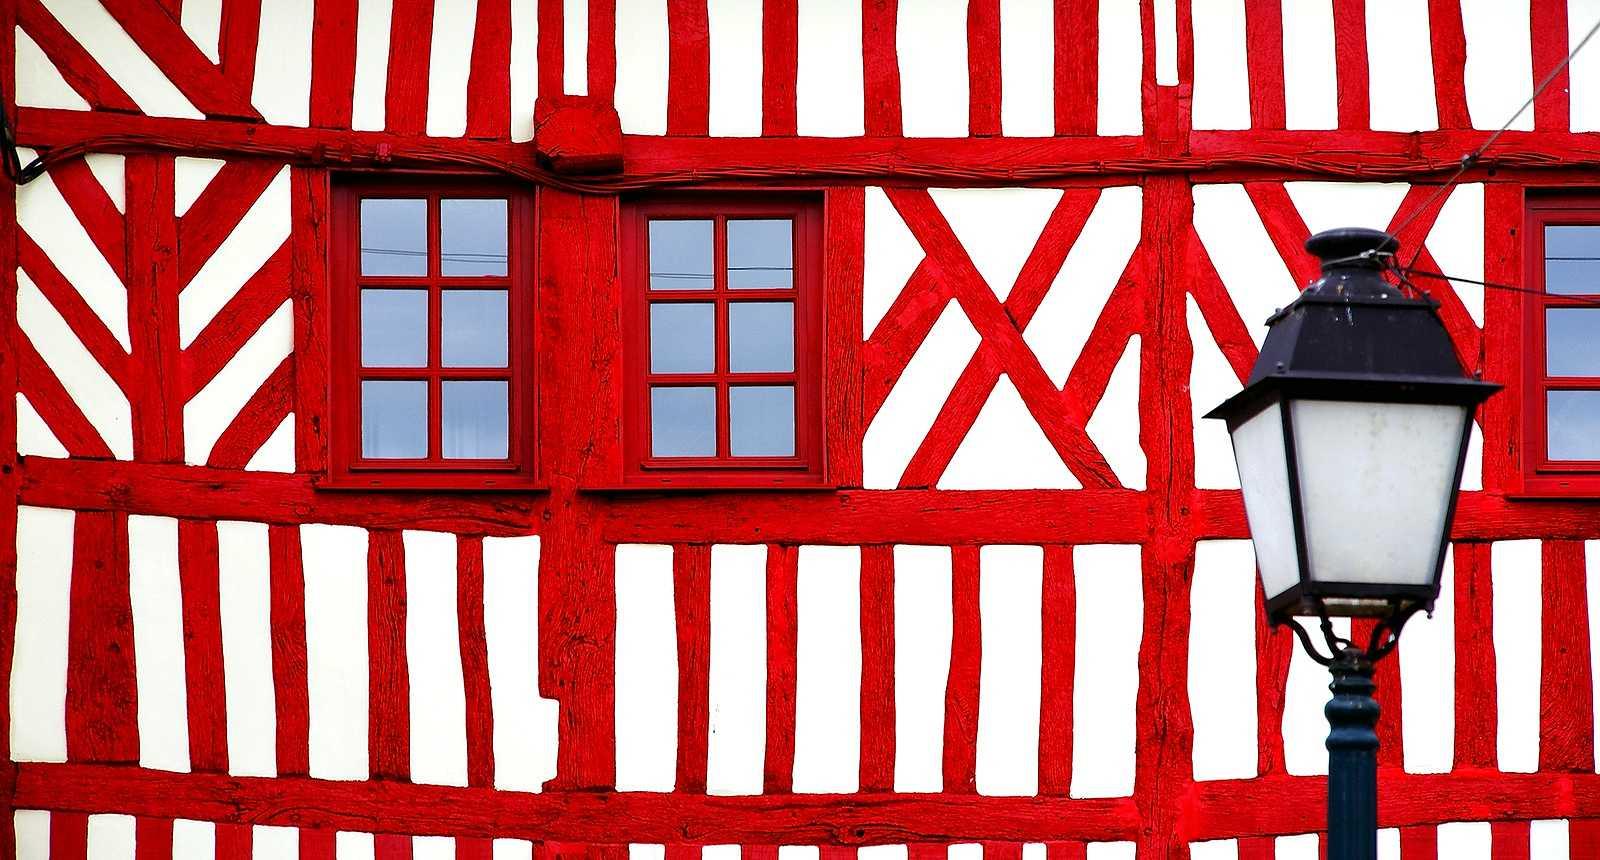 Maison à colombage rouge à Étretat